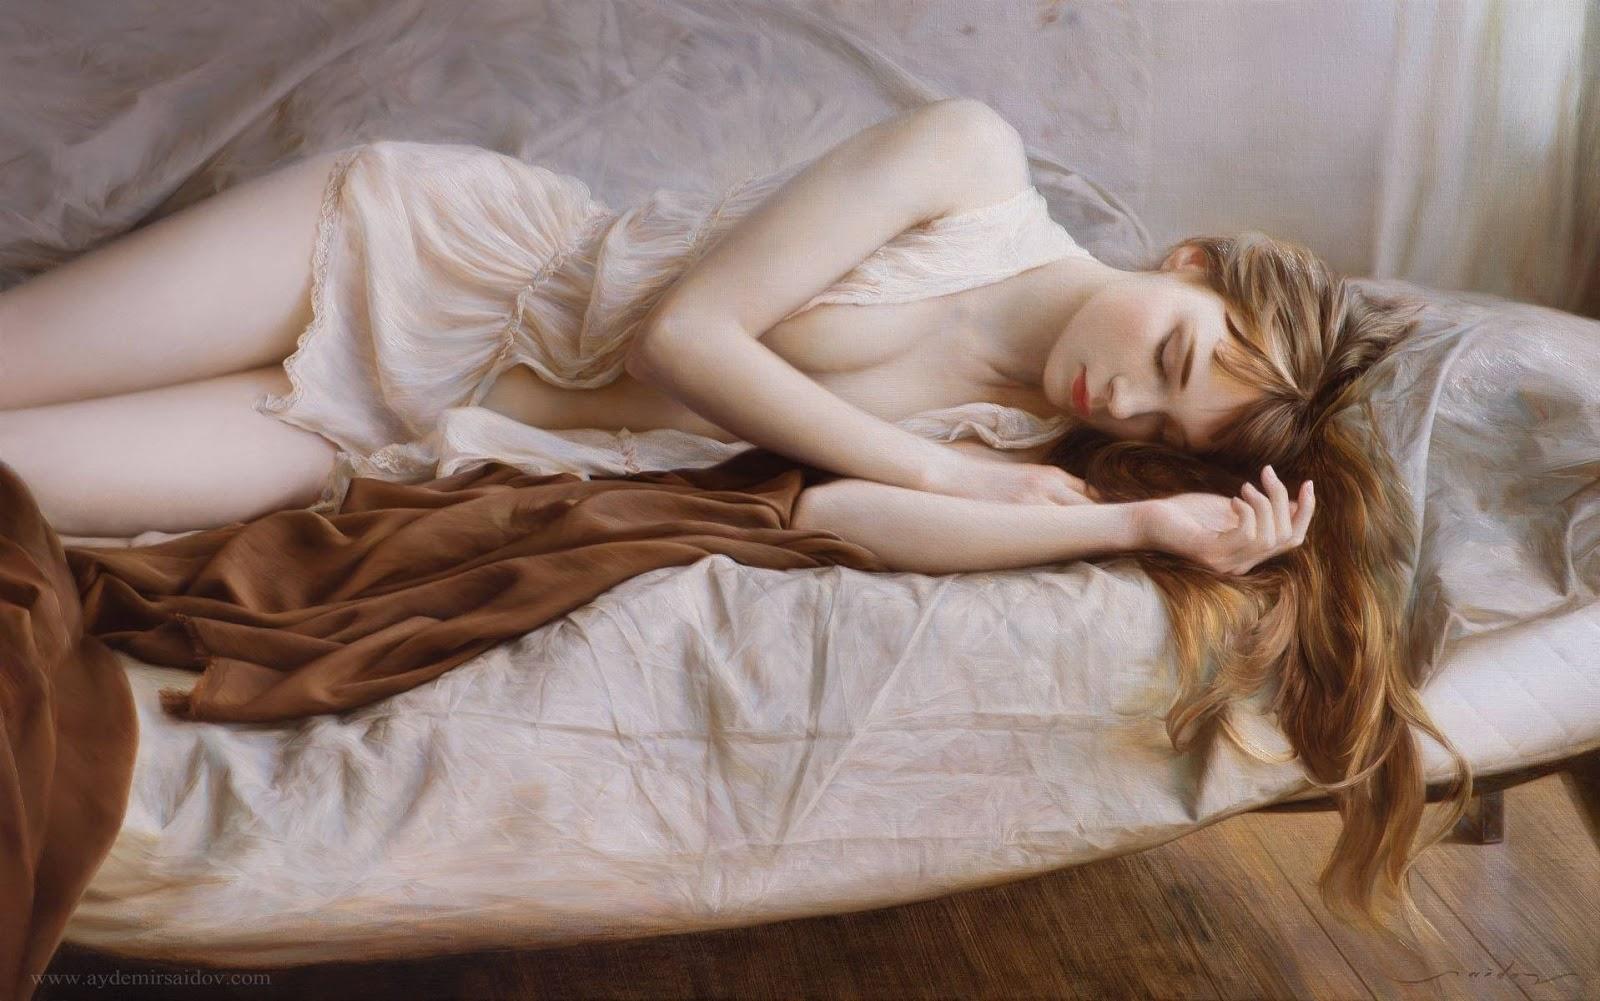 Sonho na Luz da Manhã - Aydemir Saidov